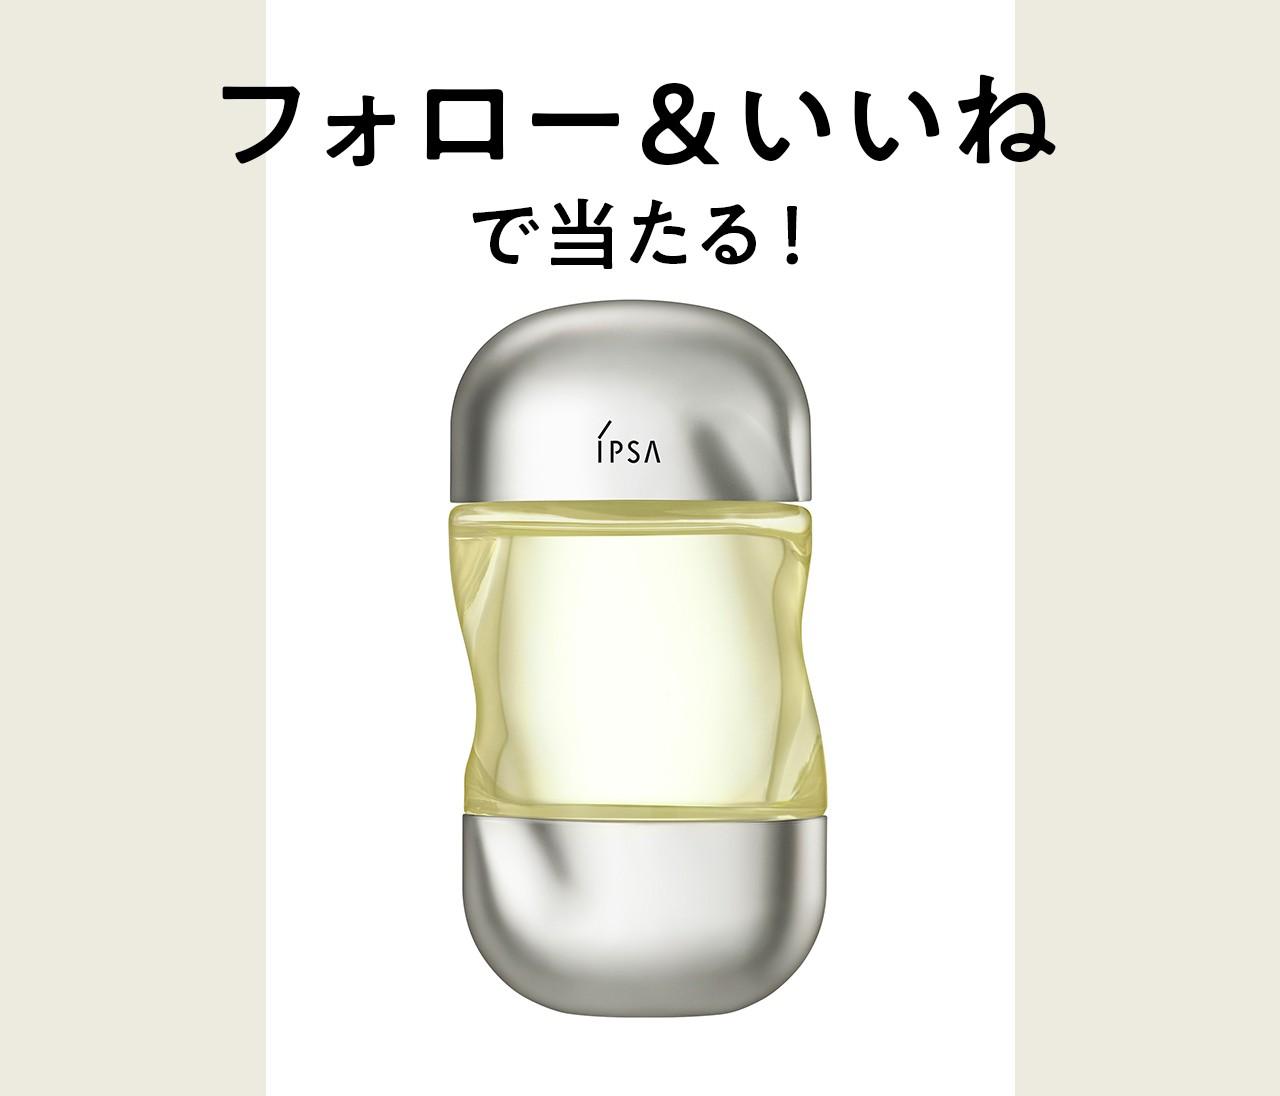 【プレゼント】インスタフォロー&いいねでイプサのオイル状美容液をプレゼント!